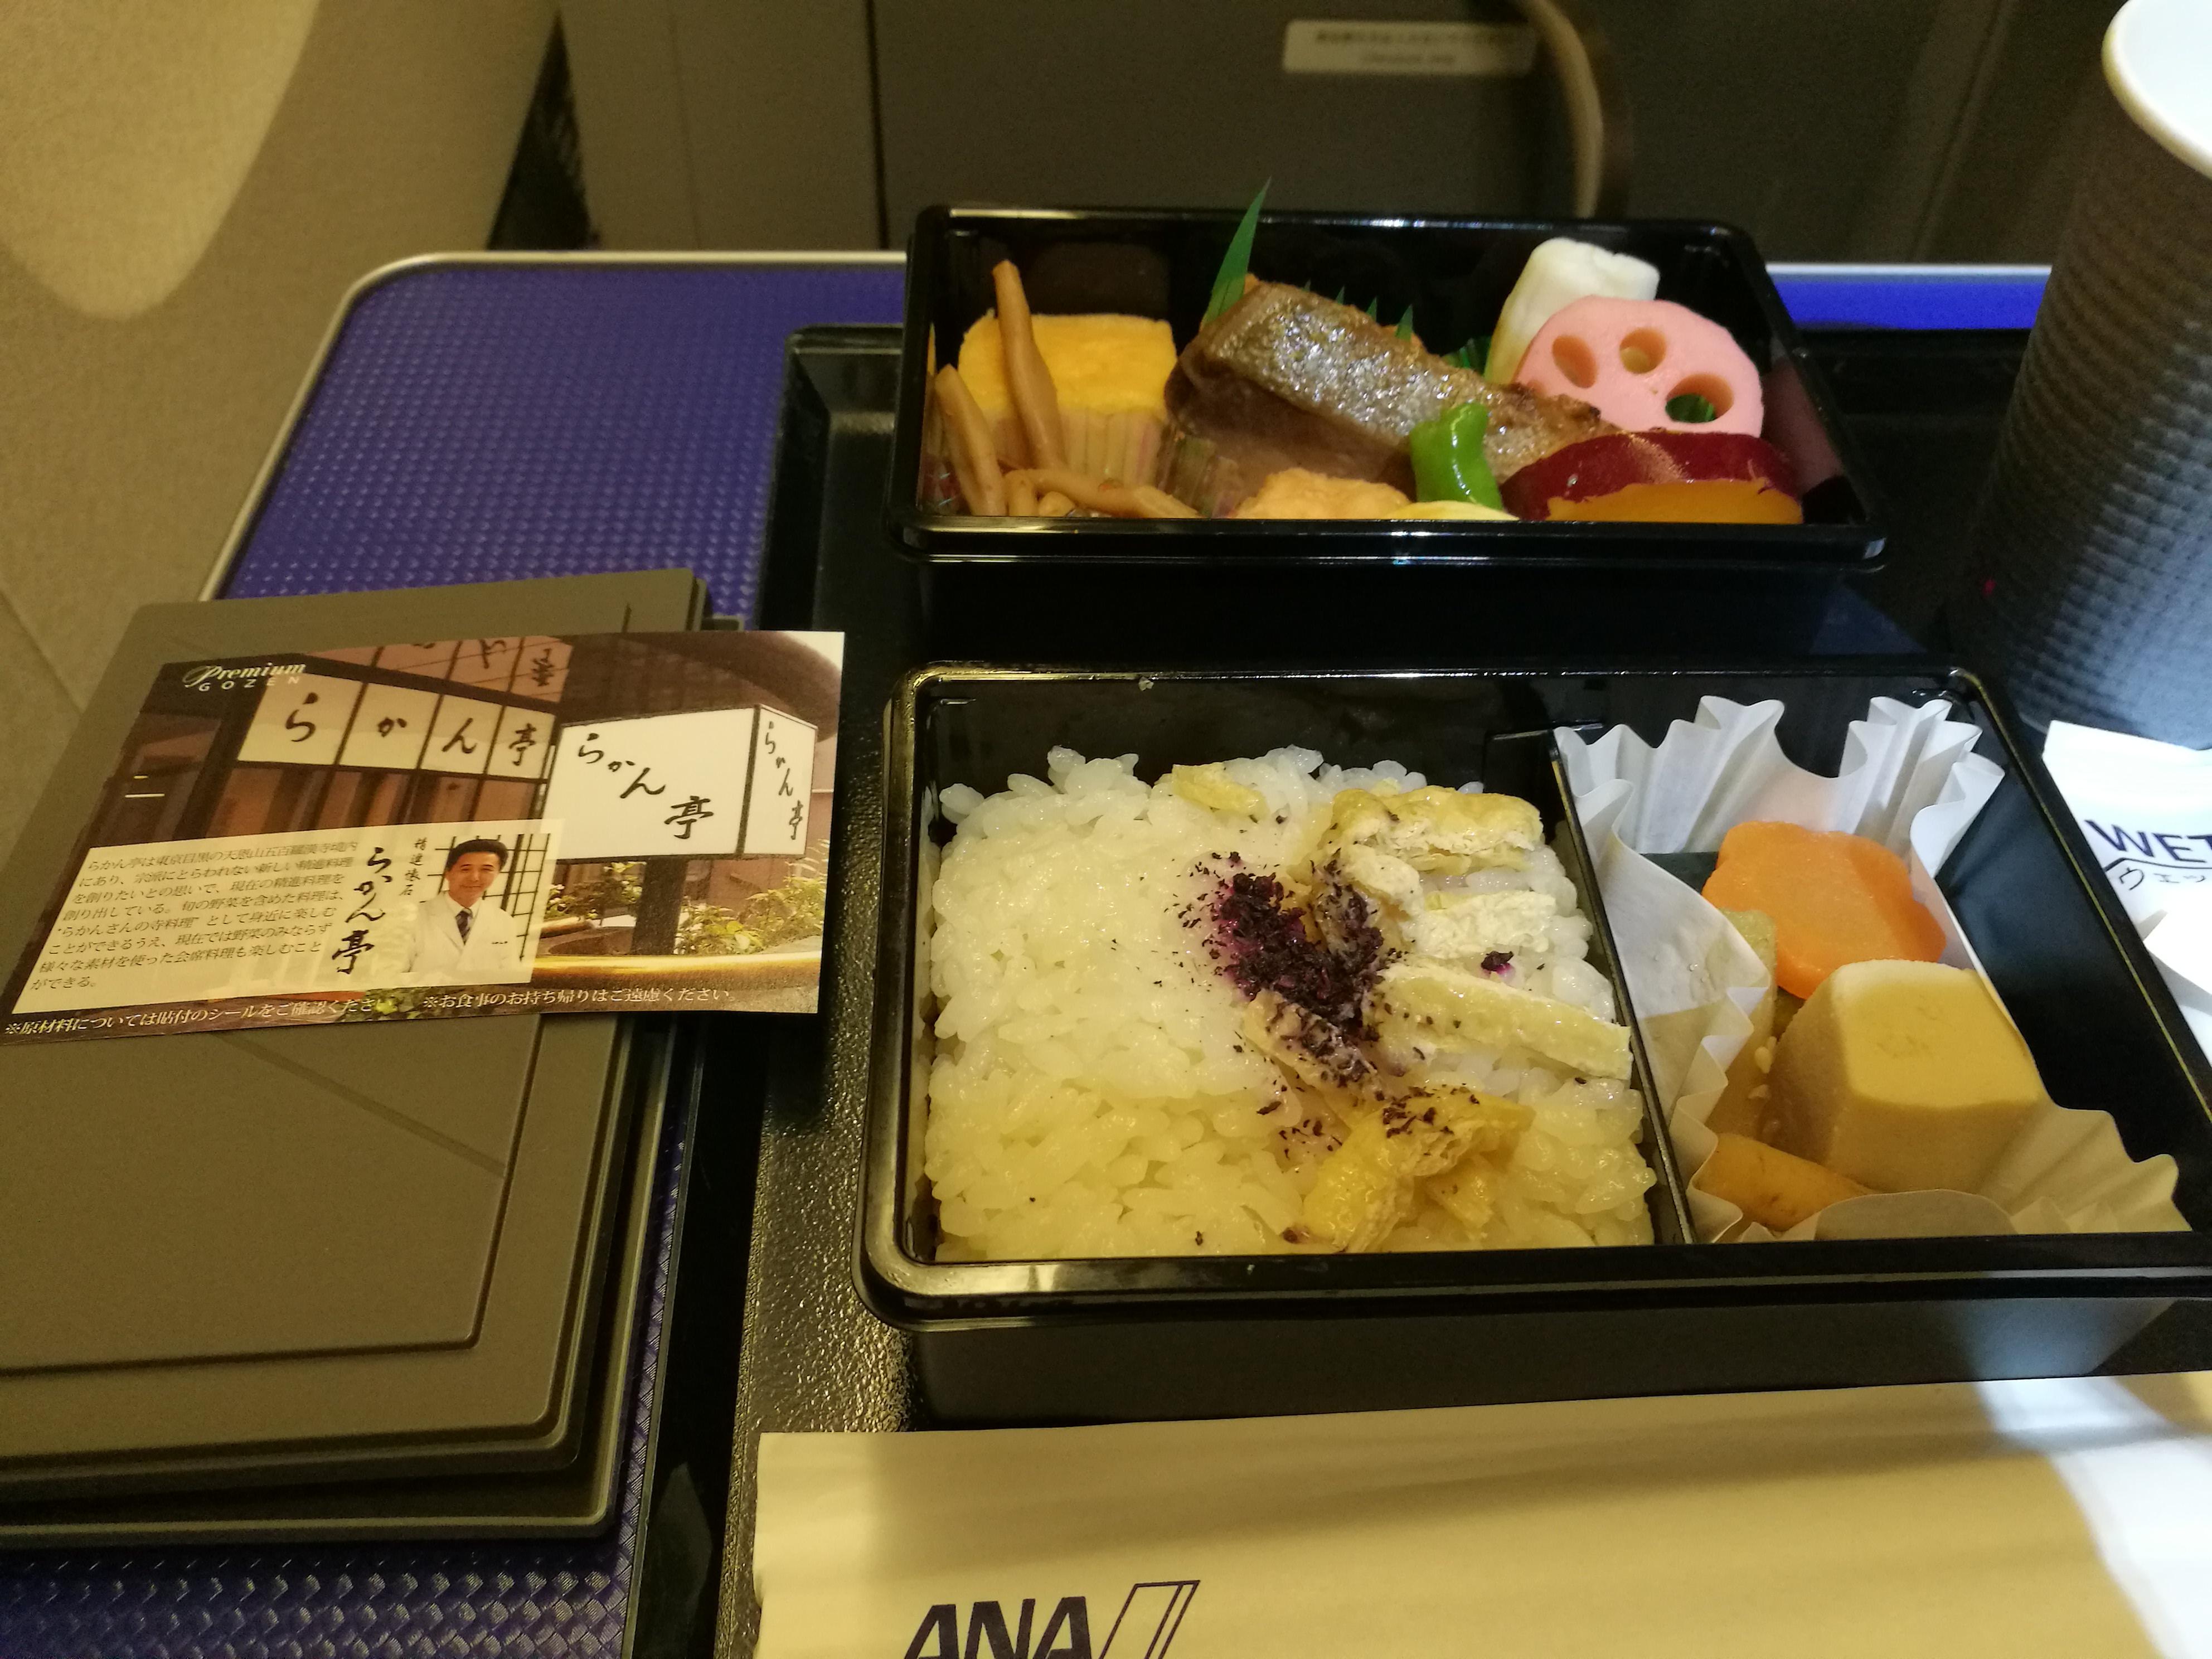 ANA プレミアムクラスのPremium GOZEN(御膳、食事)を比較してみた(羽田・札幌ー那覇便編)